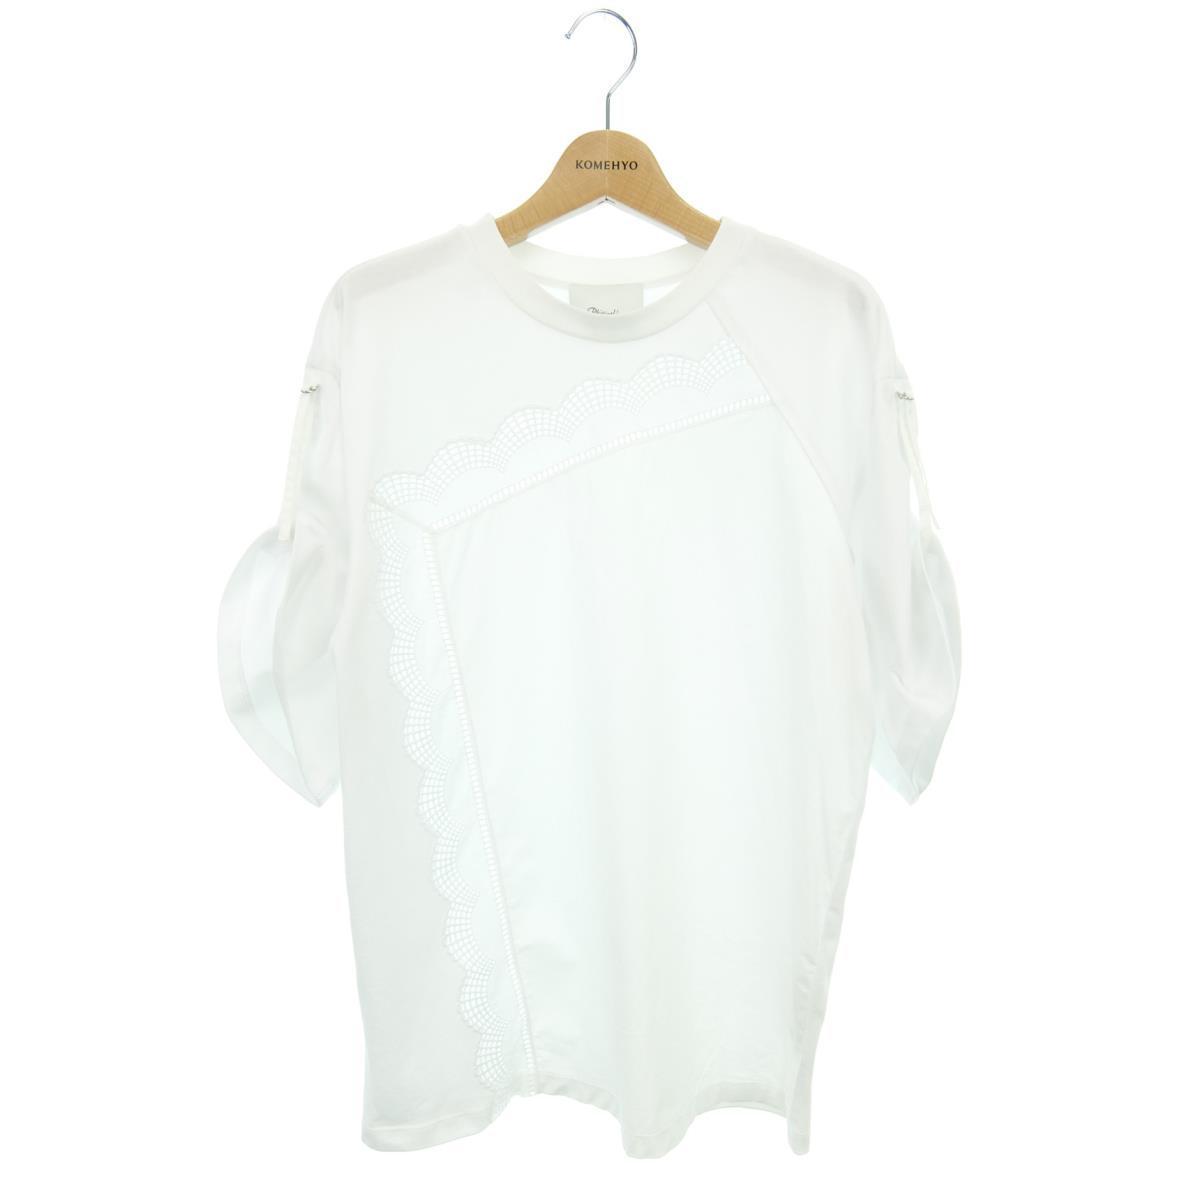 スリーワンフィリップリム 3.1 Phillip Lim Tシャツ【中古】